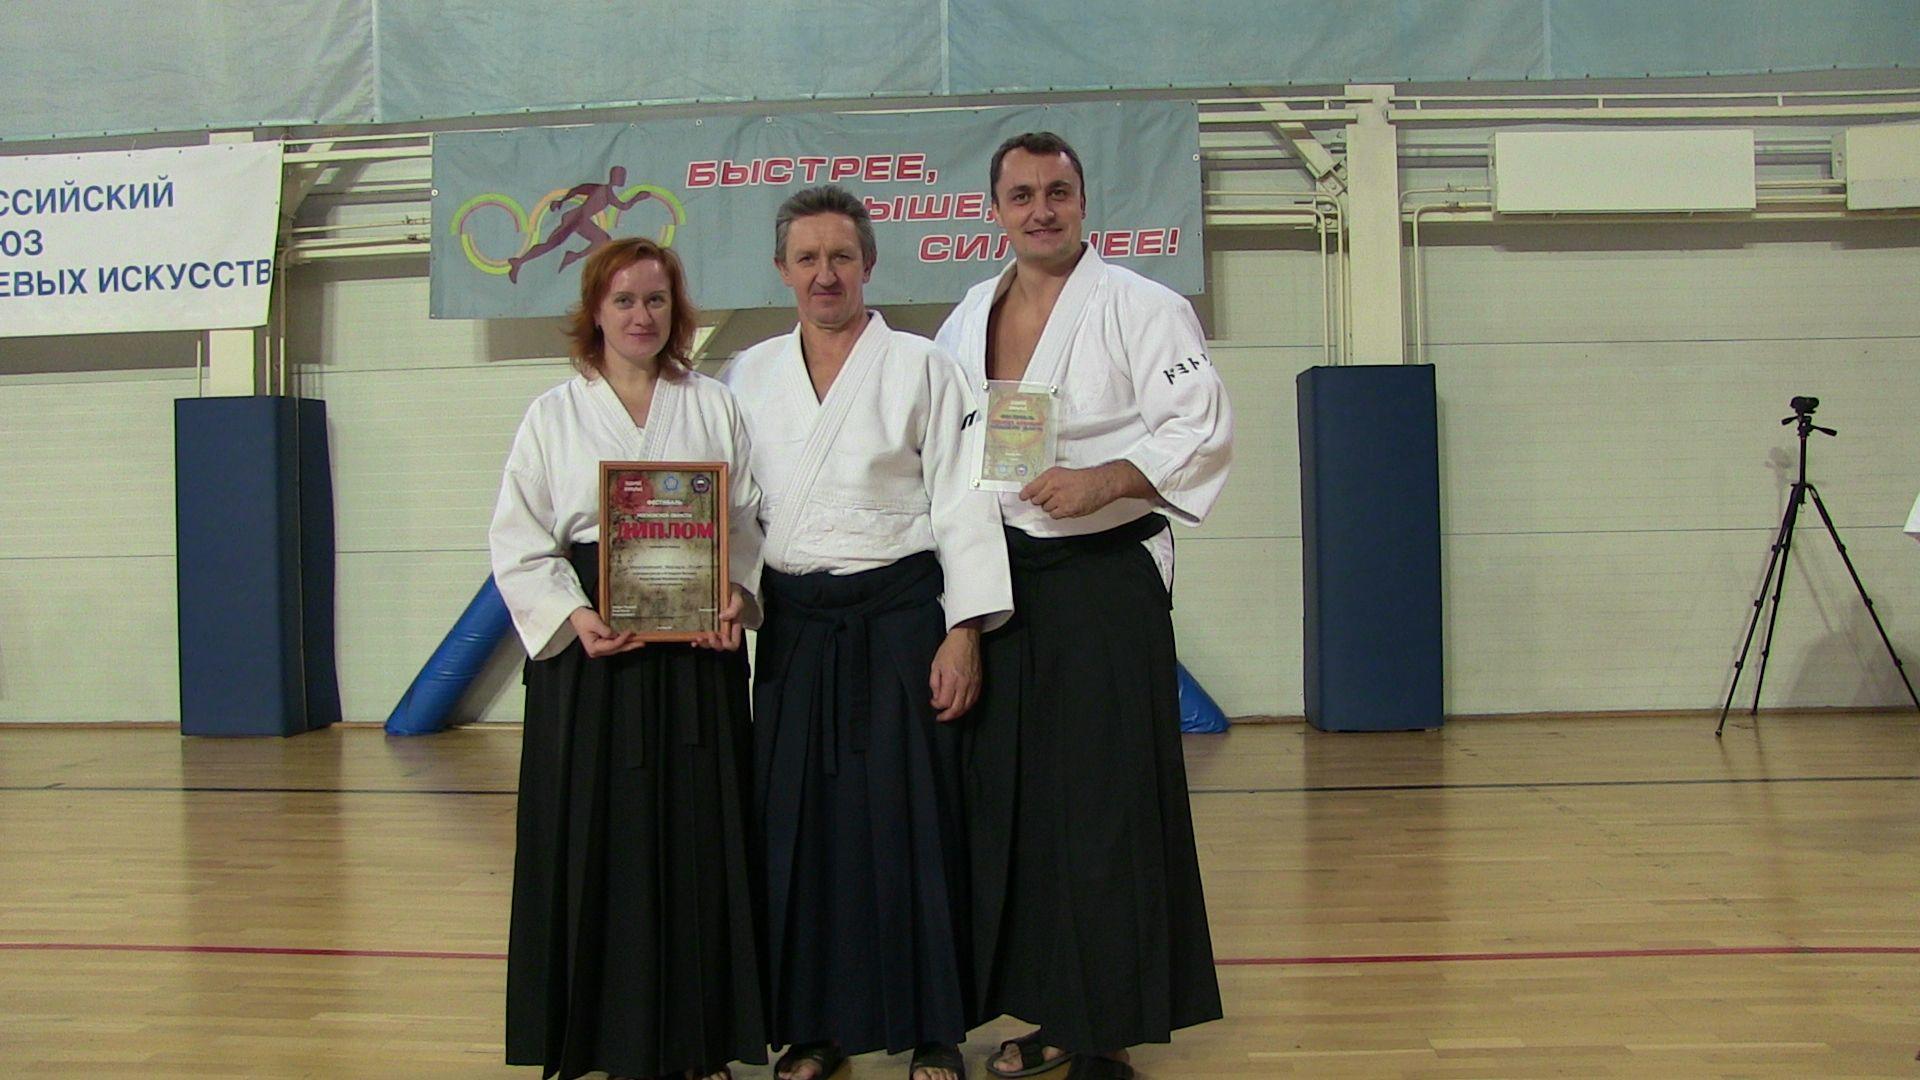 VII Открытый фестиваль Айкидо айкикай Московской области